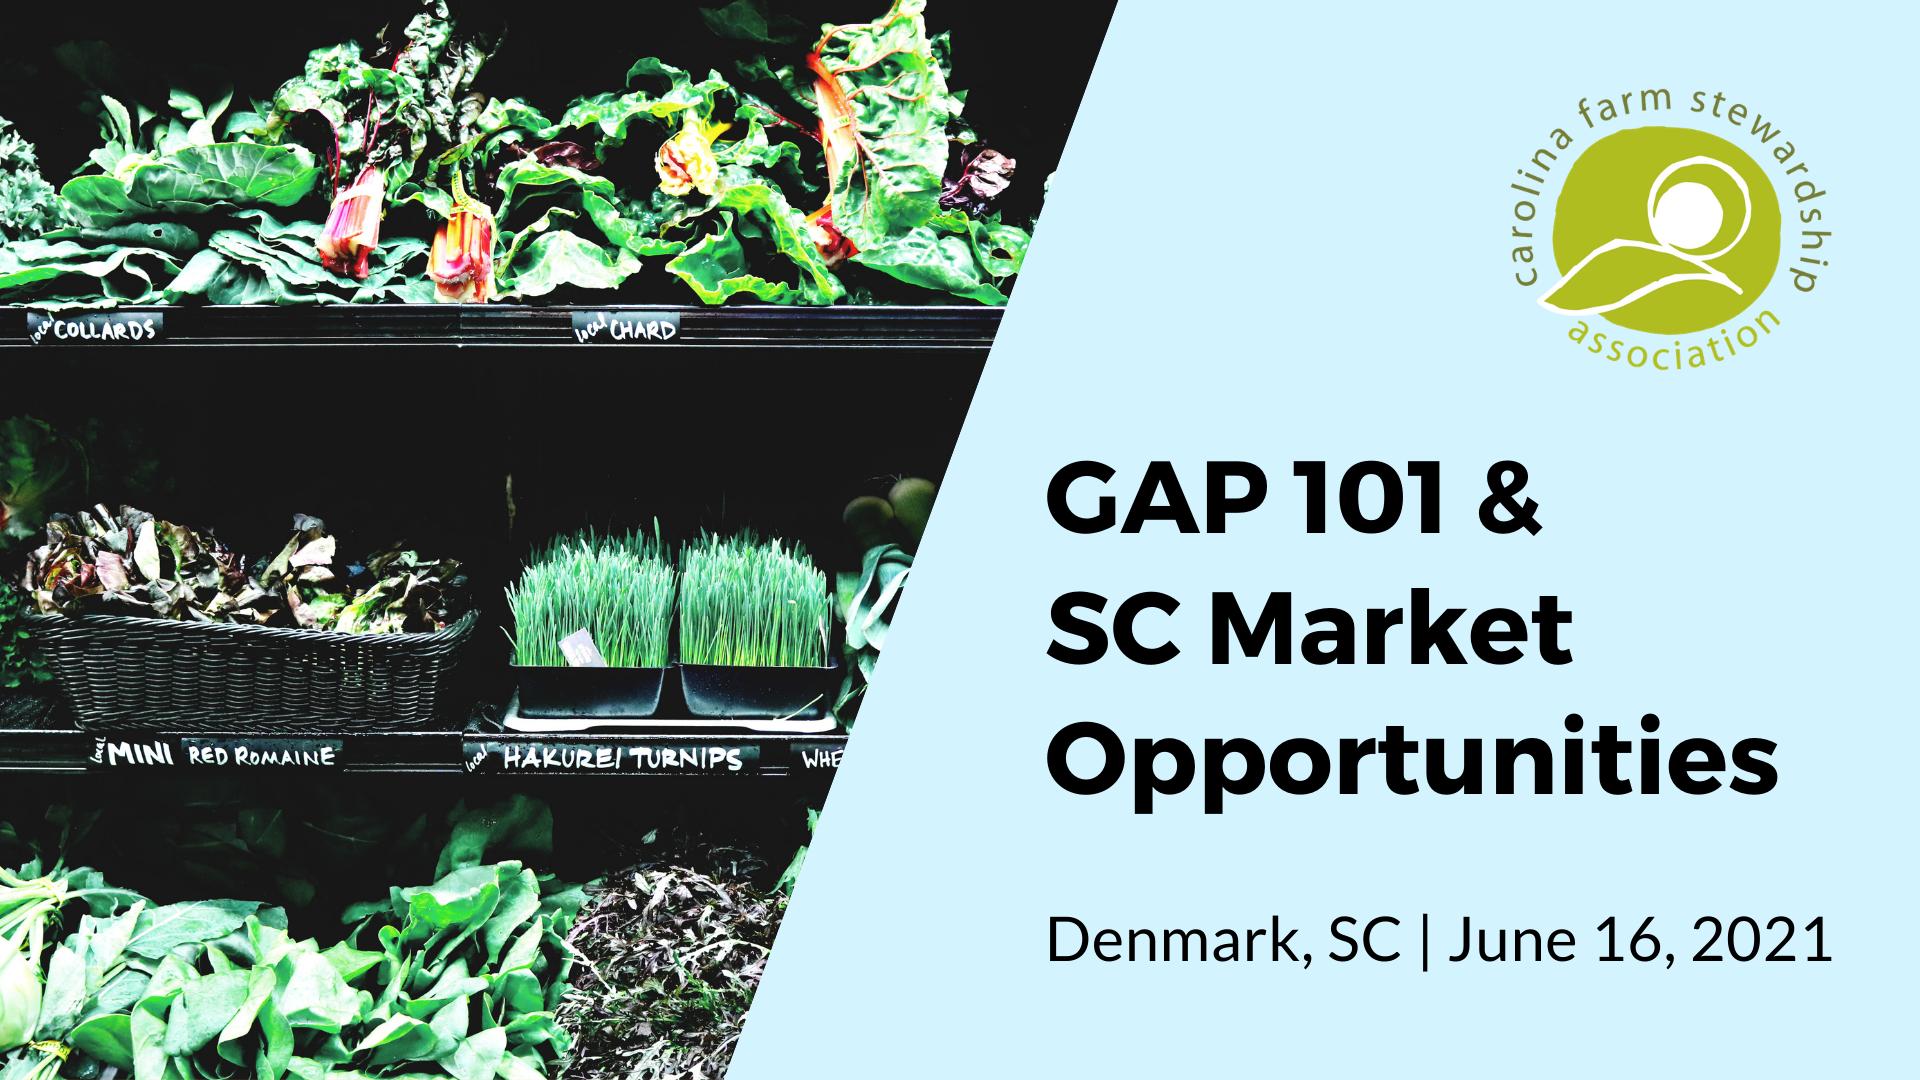 GAP 101 & SC Market Opportunities/Denmark, SC - June 16, 2021